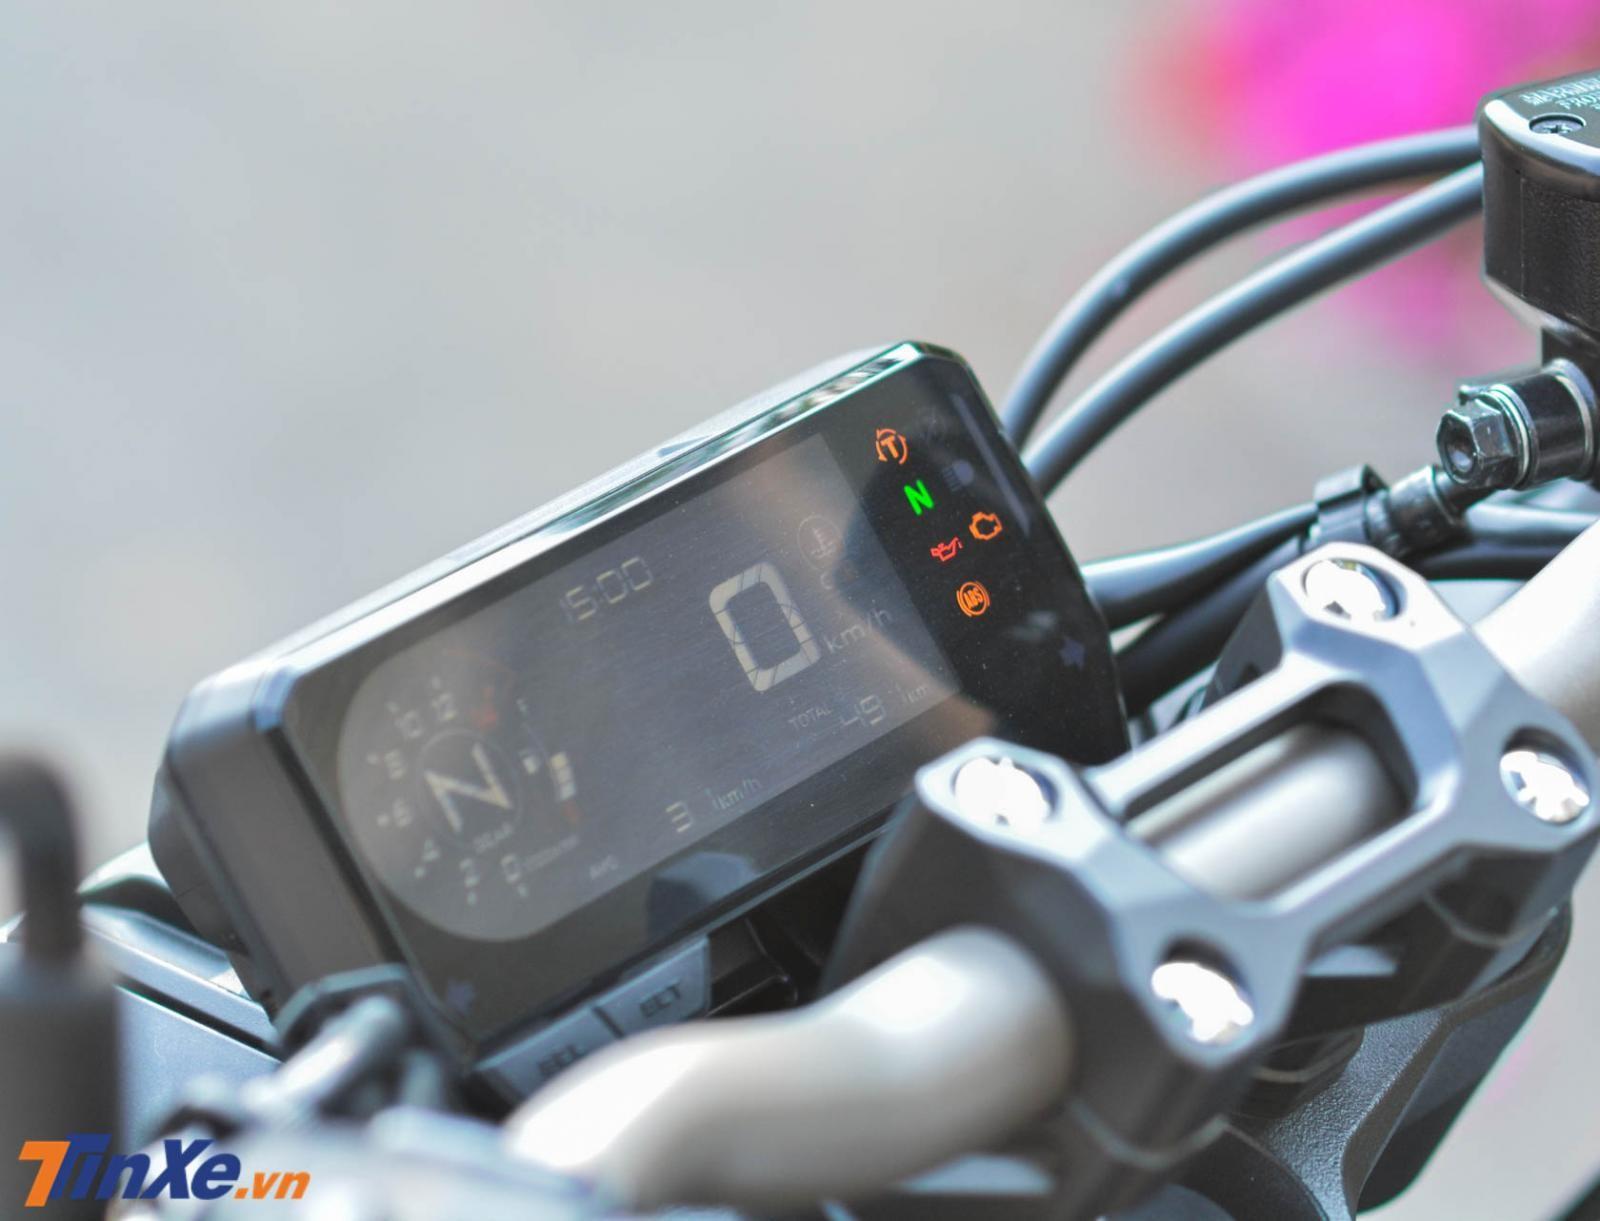 Phía trên ghi đông của Honda CB650R 2019 là bảng đồng hồ kỹ thuật số toàn phần thiết kế rất đẹp mắt